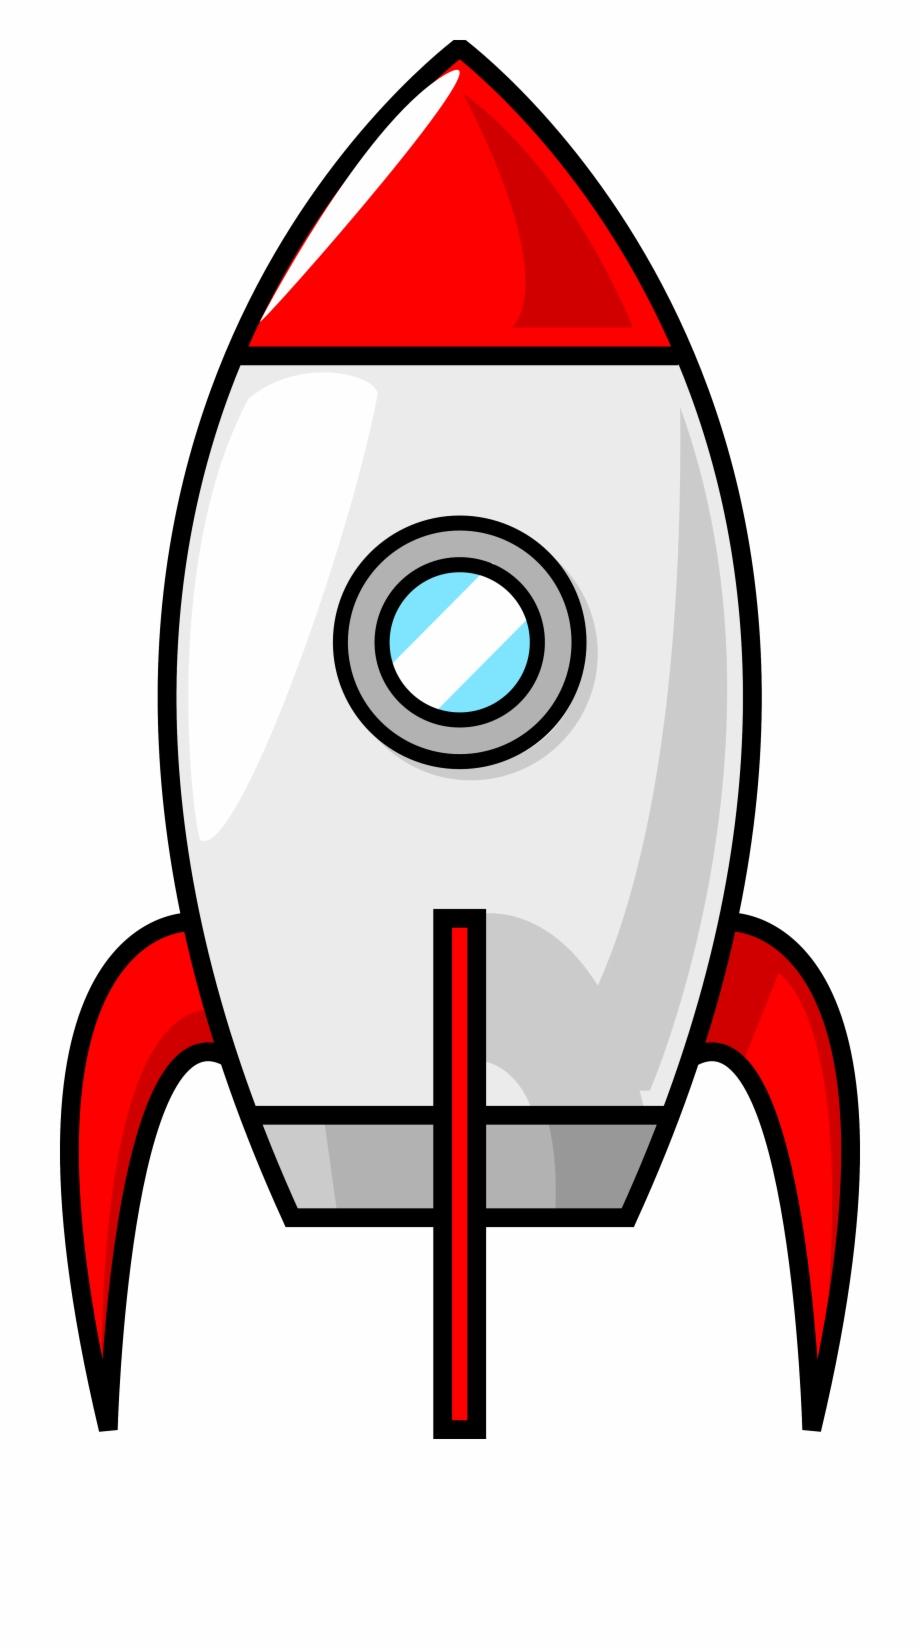 Rocket Clipart Atq48artm Png.